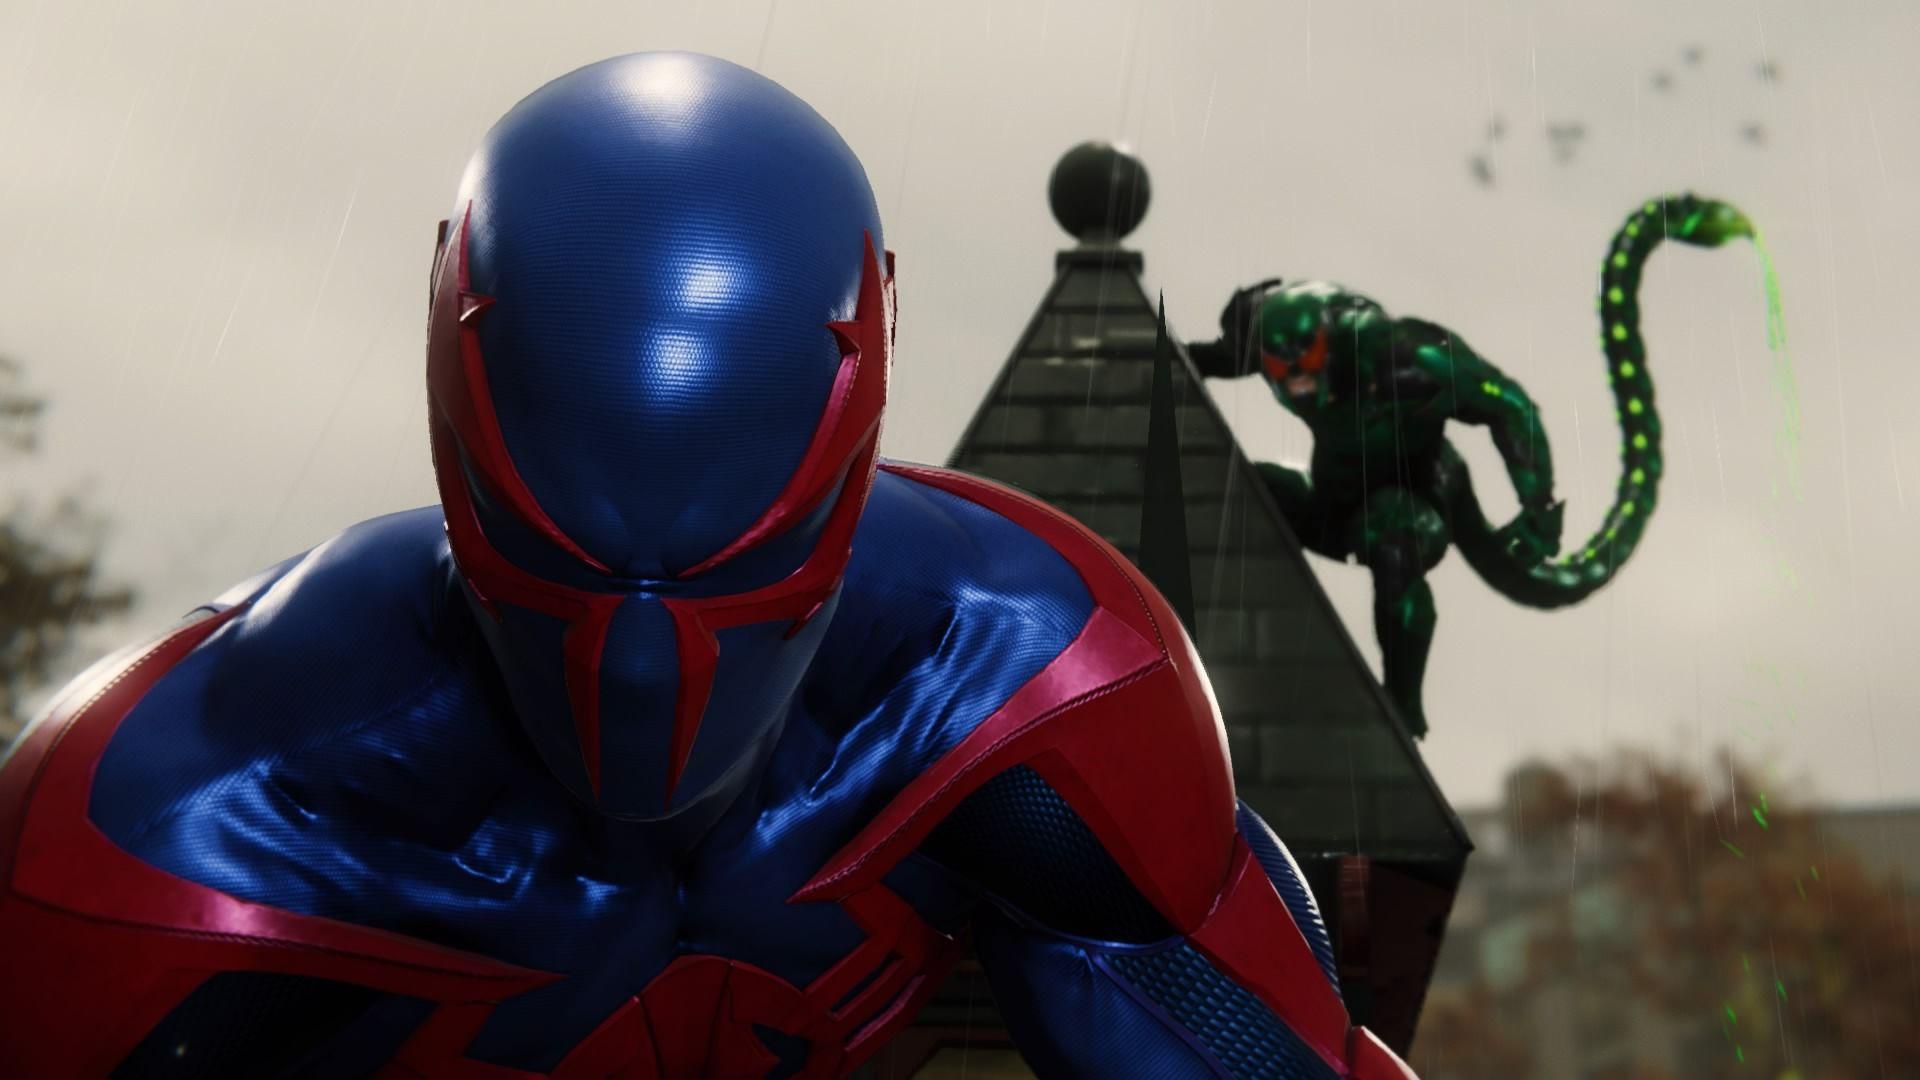 Marvels Spider Man #MacGargan #Scorpion #Marvel #Spiderman